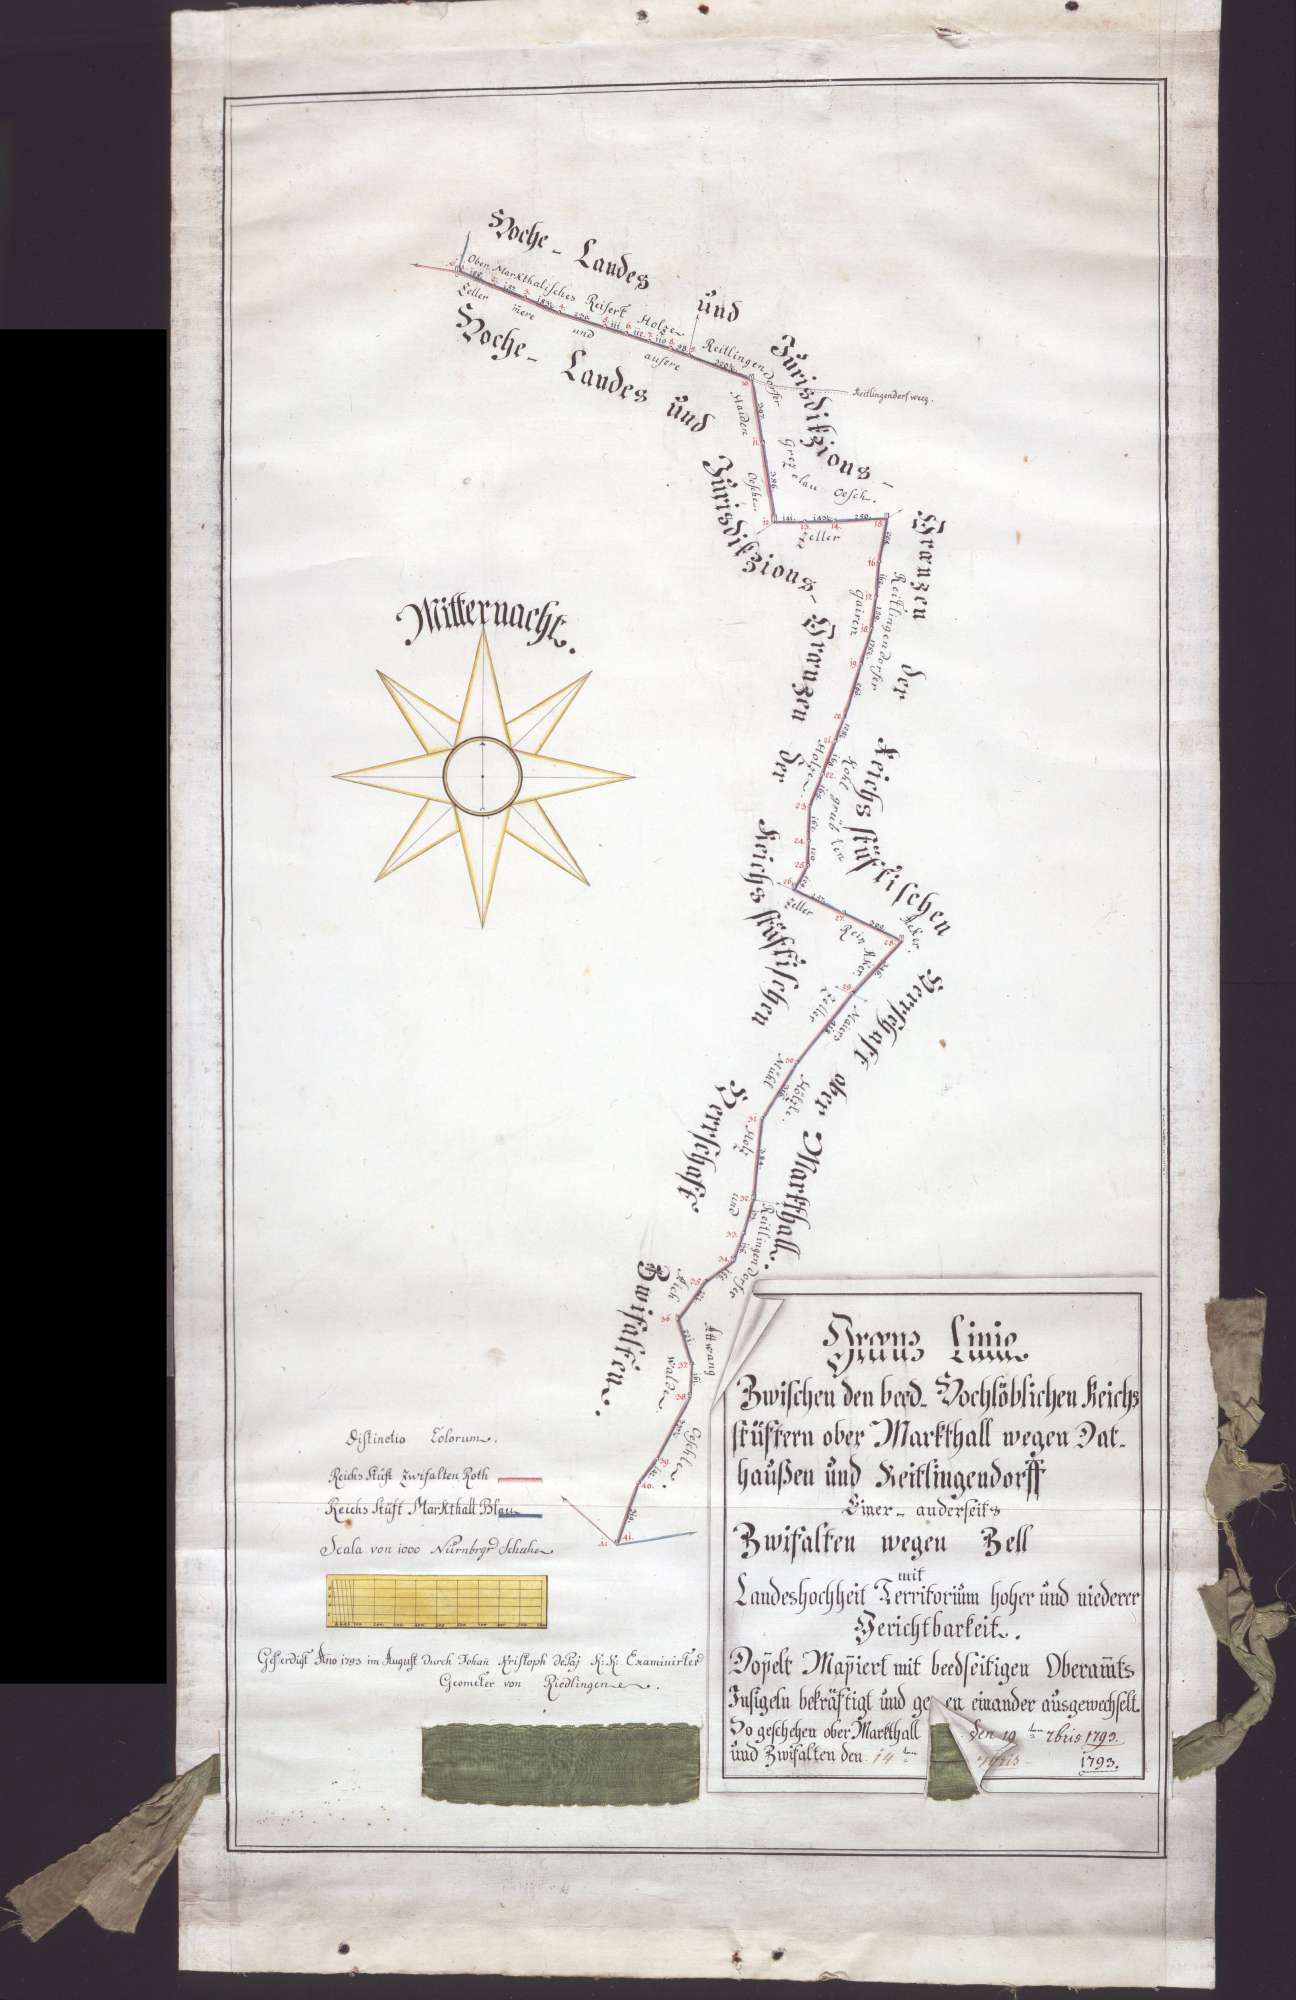 Grenzlinie zwischen Dattenhausen und Zell Maßstab ca. 1 : 3500 Zeichner: Jean Christophe de Pai col. handgez., Bild 1